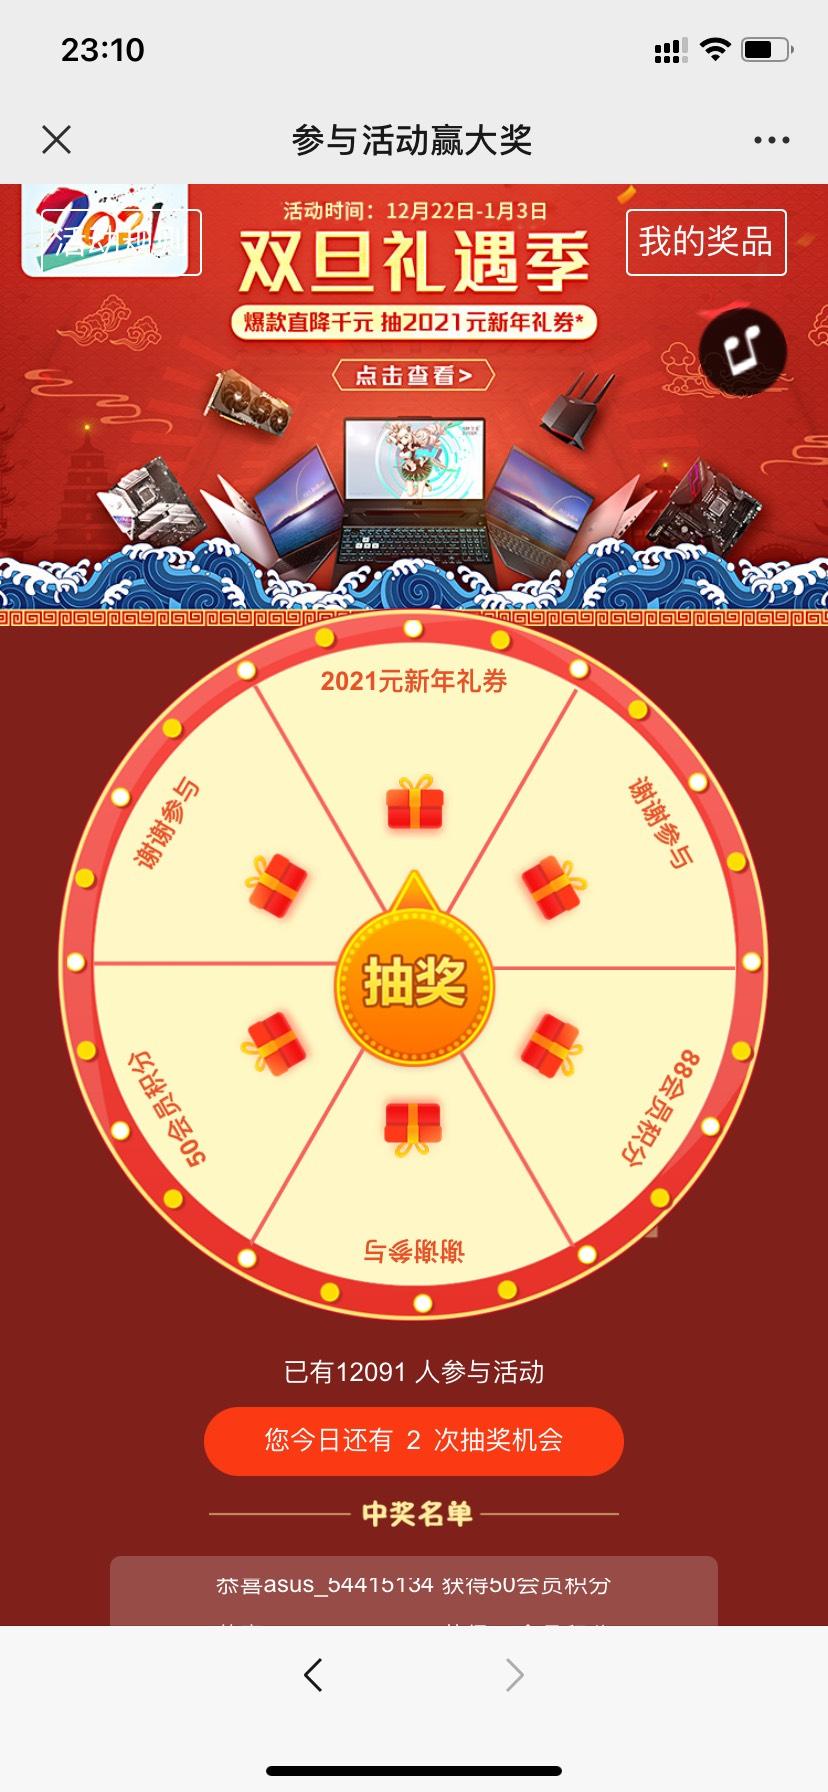 图片[1]-ASUS华硕东南抽微信公里-老友薅羊毛活动线报网